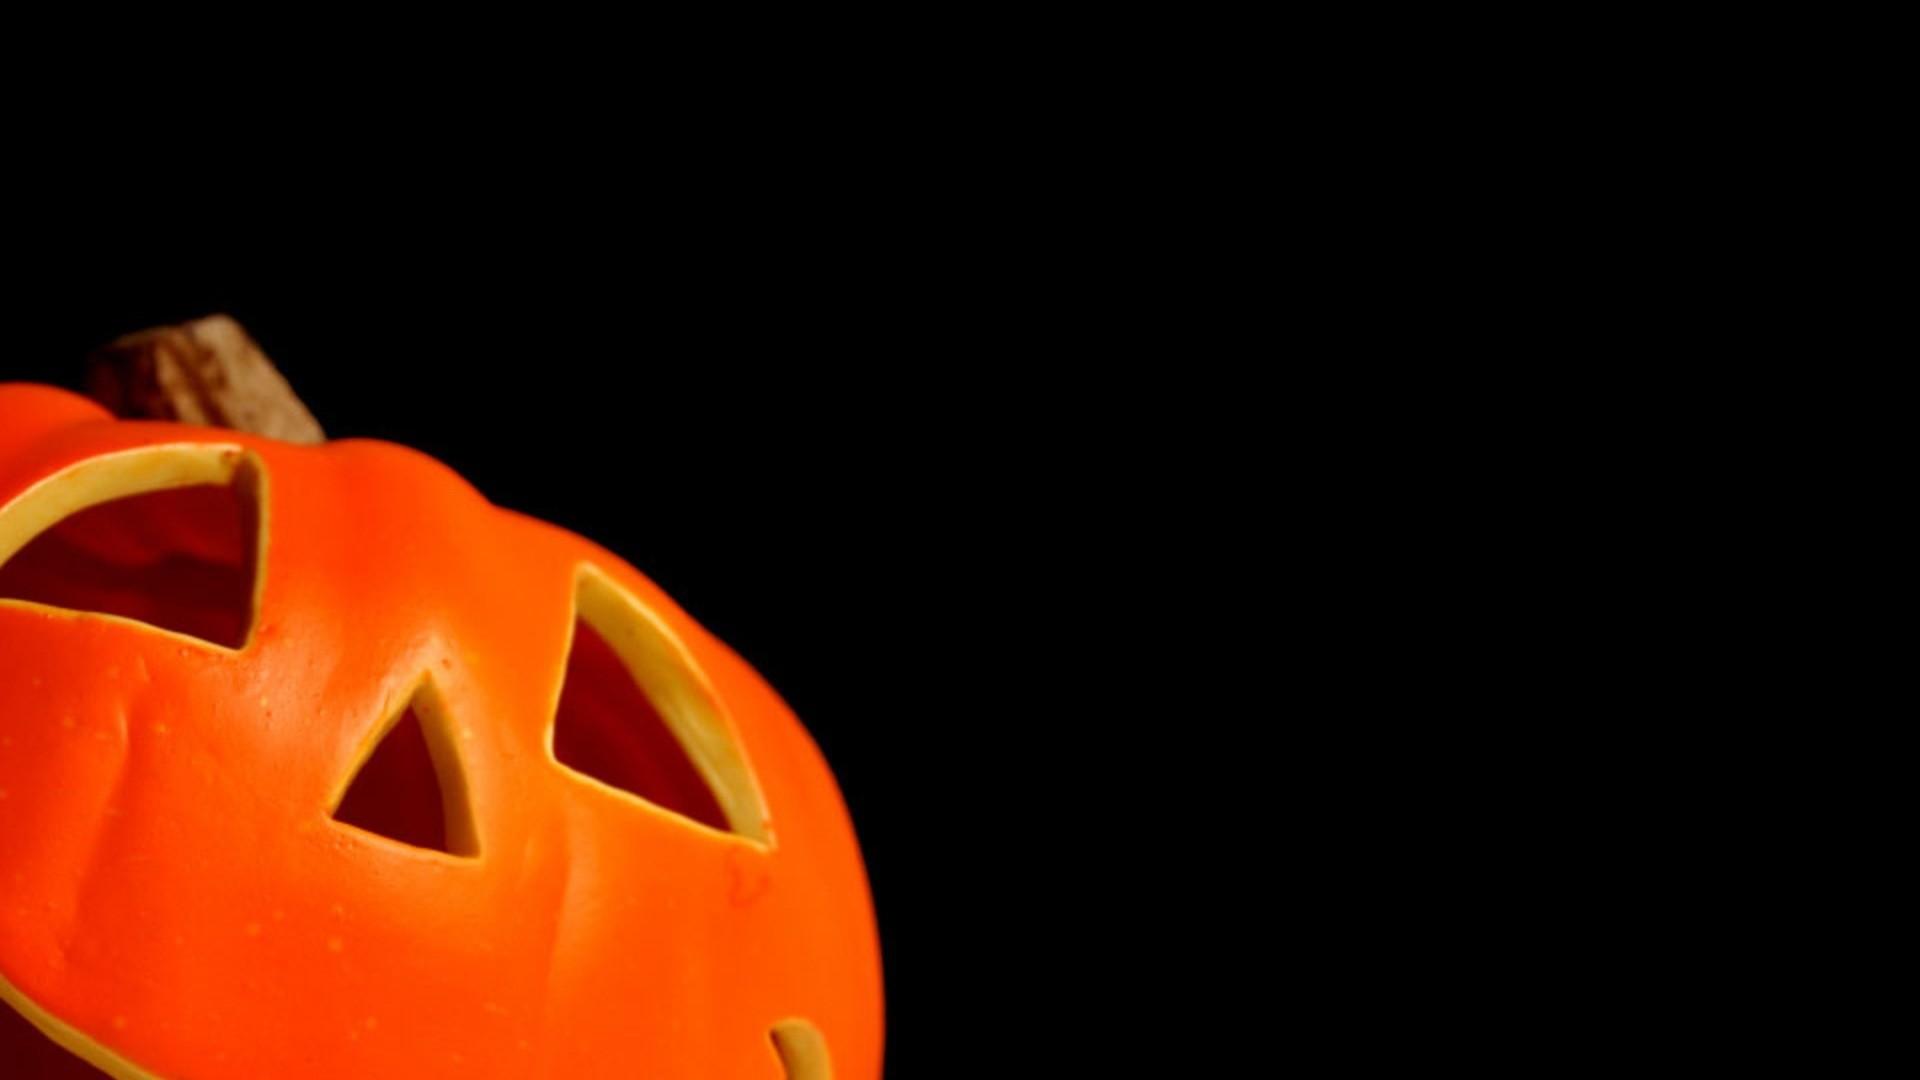 78+ Halloween Desktop Wallpapers on WallpaperPlay